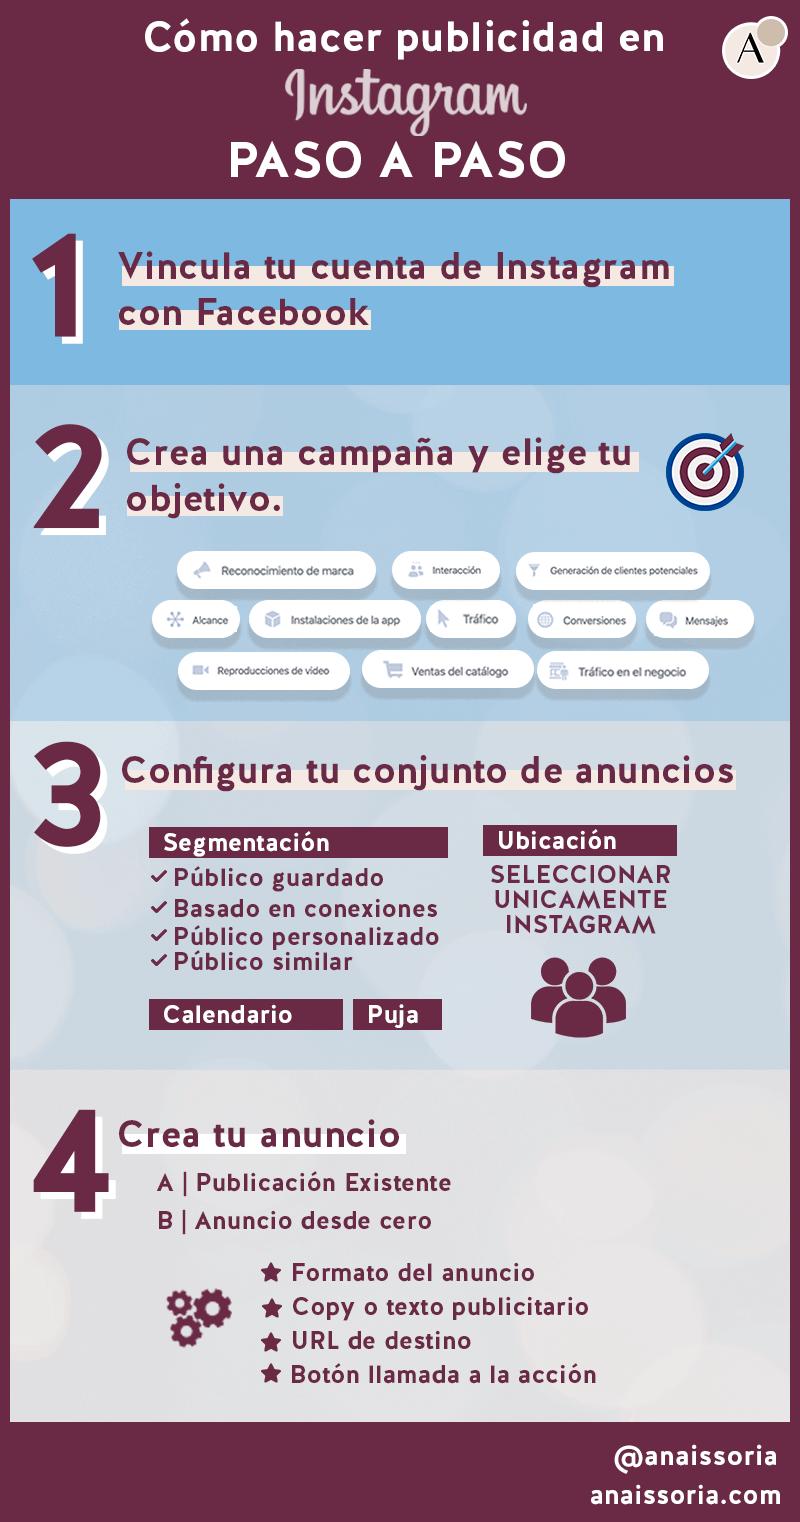 infografía -publicidad en instagram paso a paso